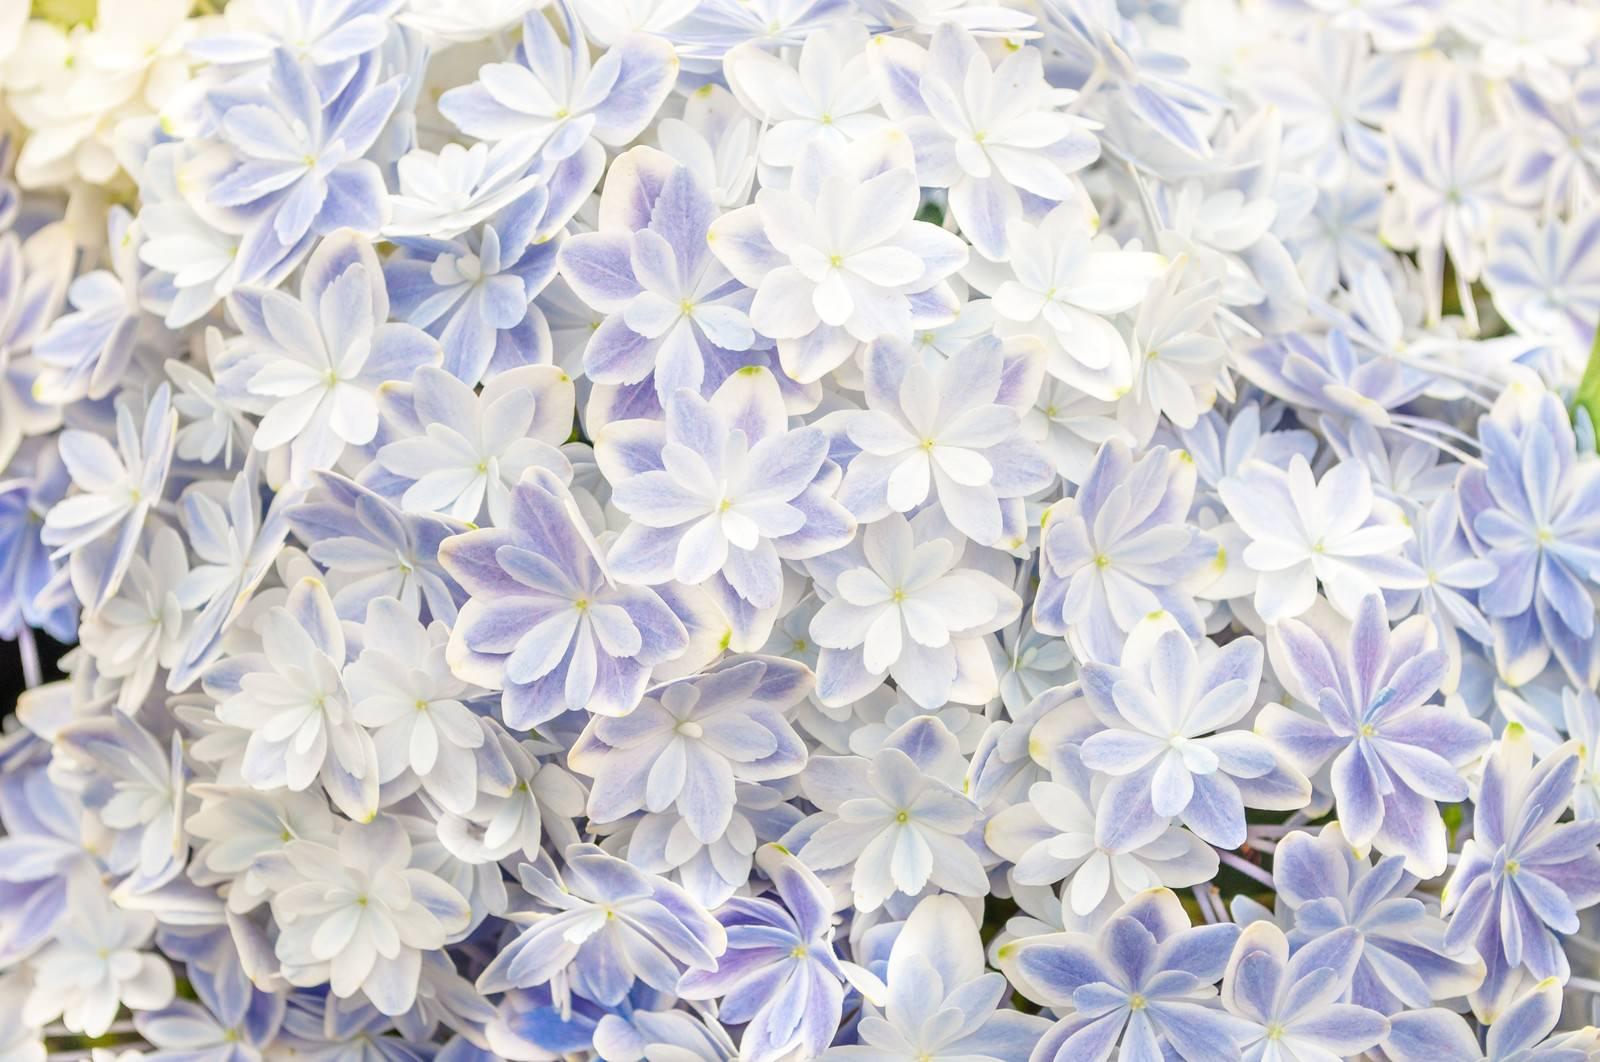 「紫陽花のテクスチャ紫陽花のテクスチャ」のフリー写真素材を拡大